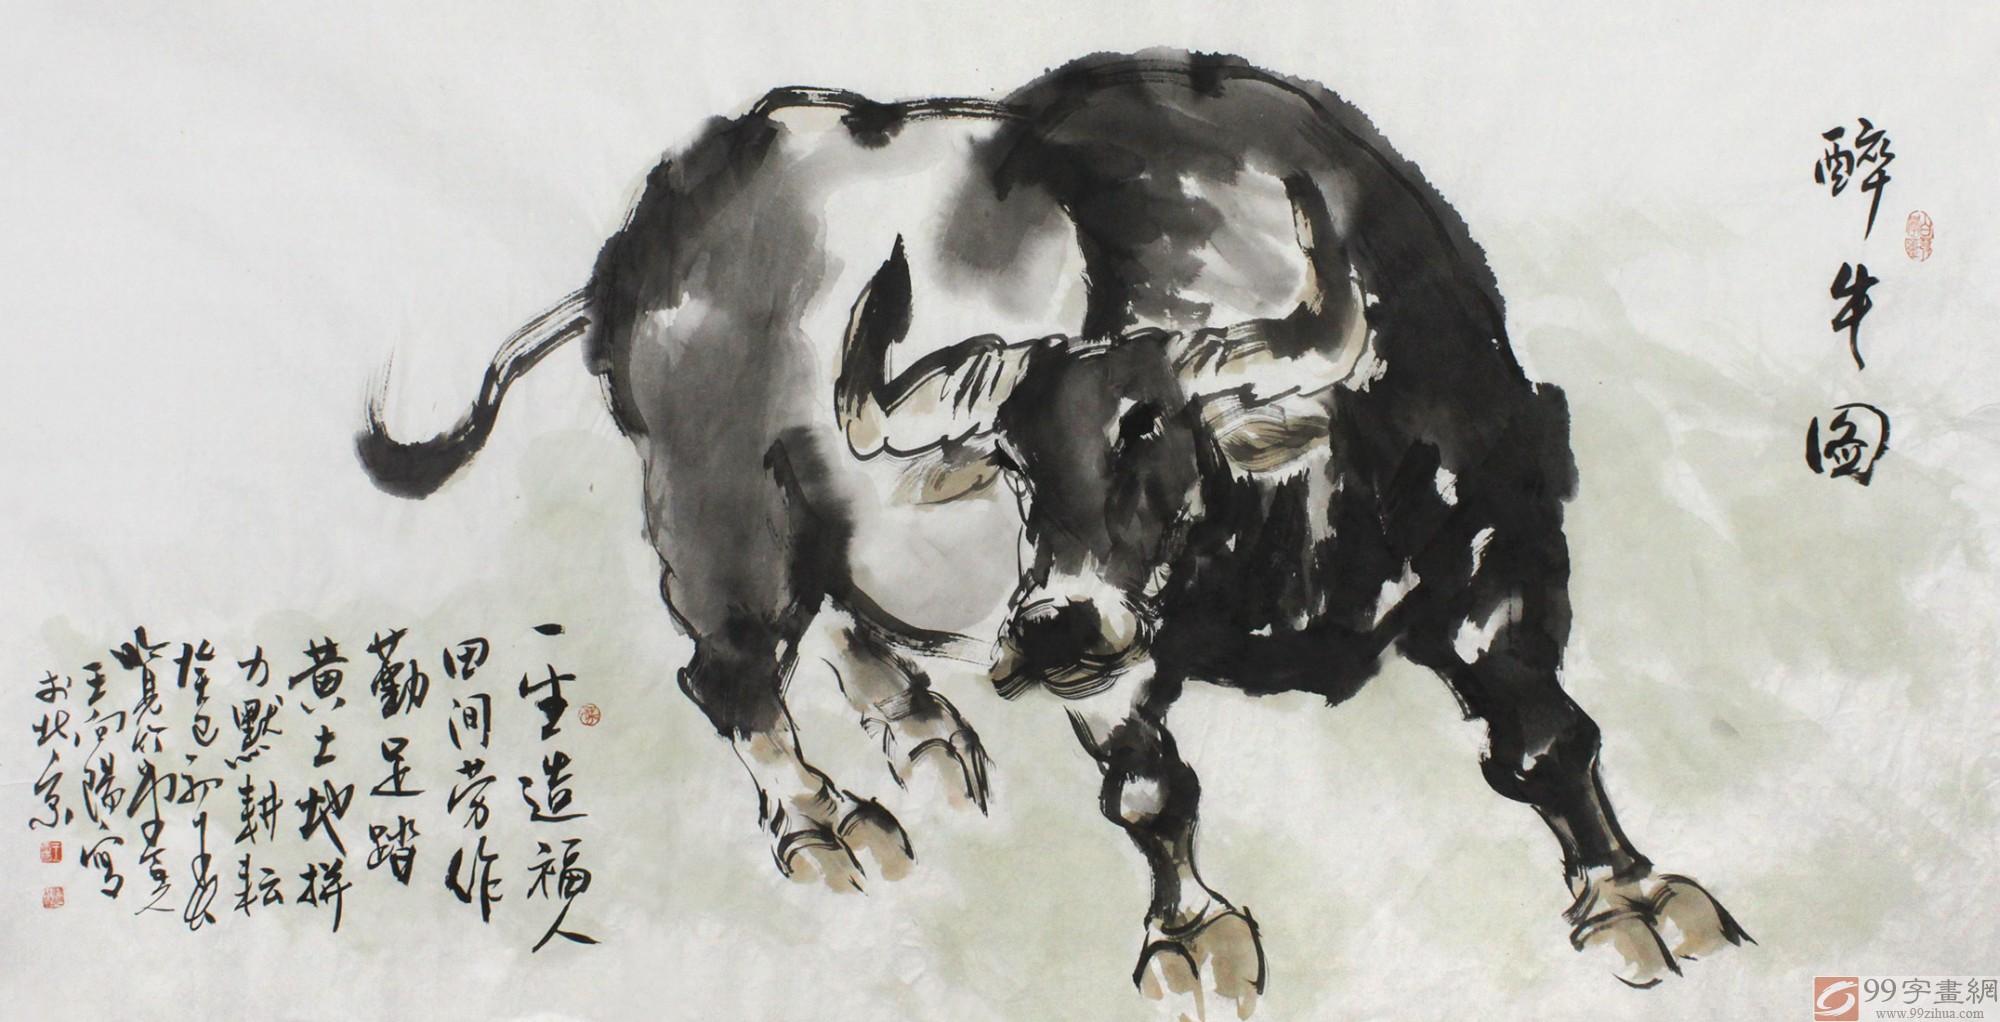 国画动物 一生造福人田间 - 国画牛 - 99字画网